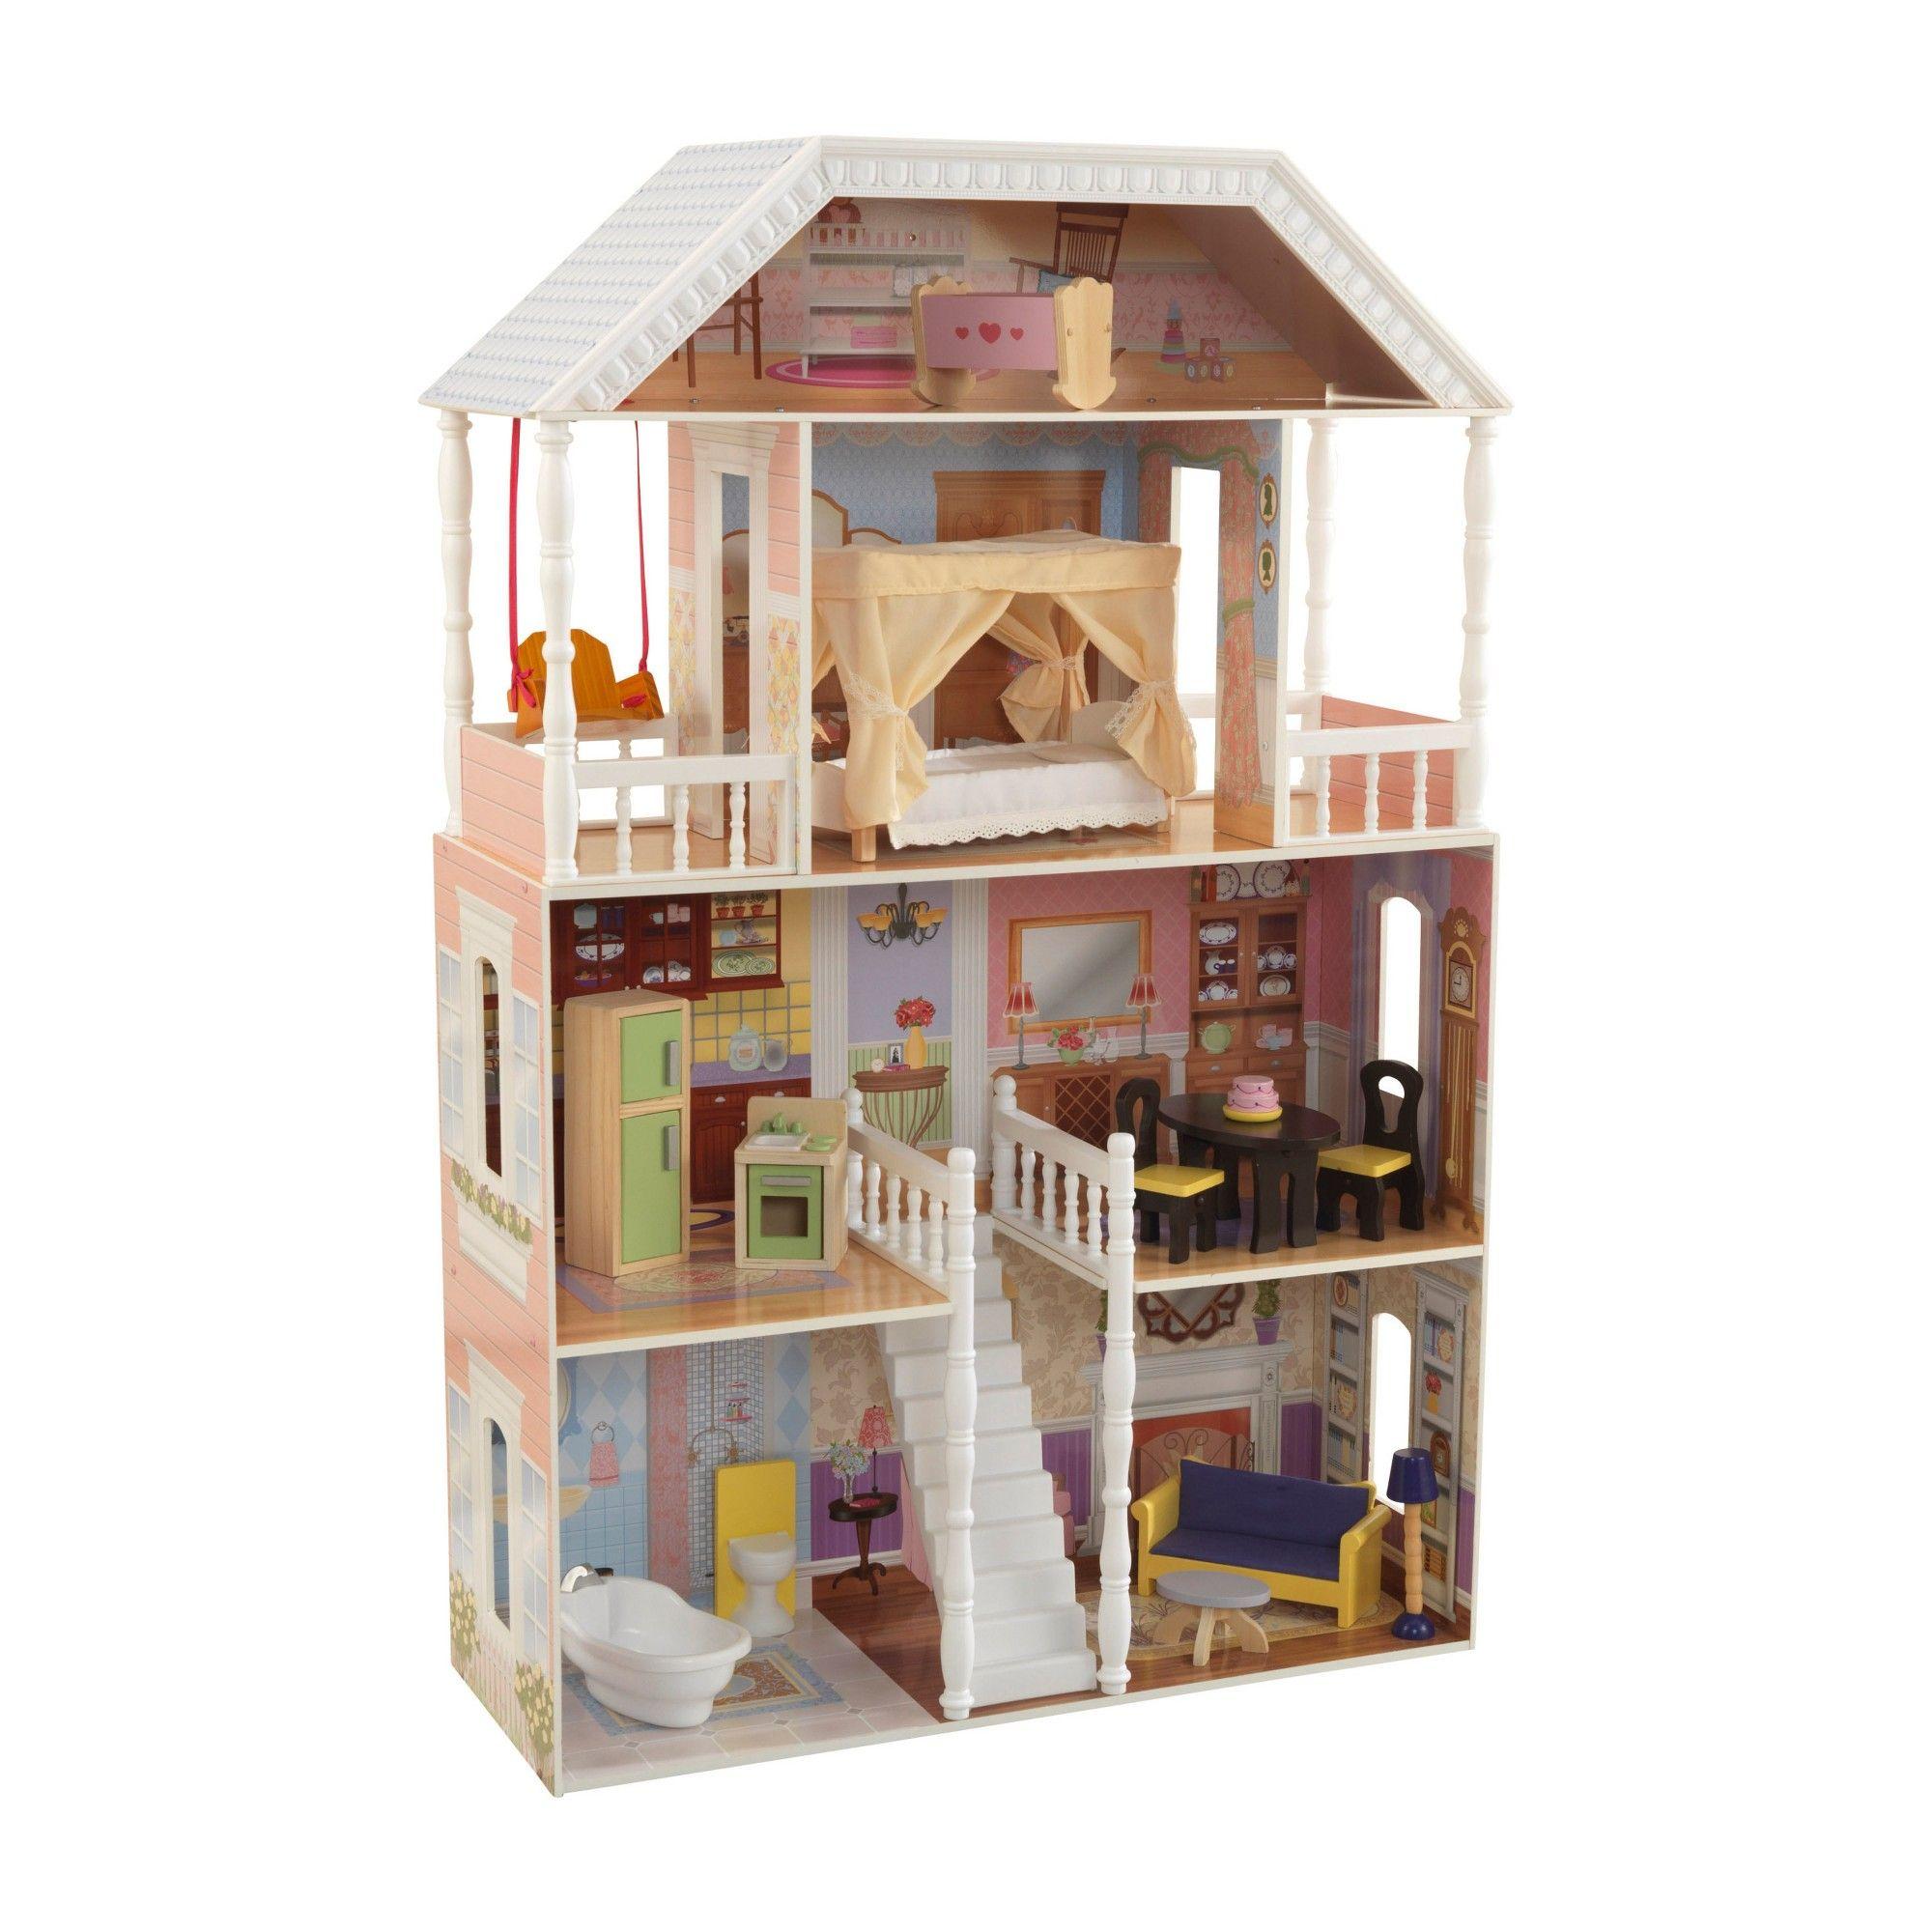 Kidkraft Savannah Dollhouse Play Houses Wooden Dollhouse